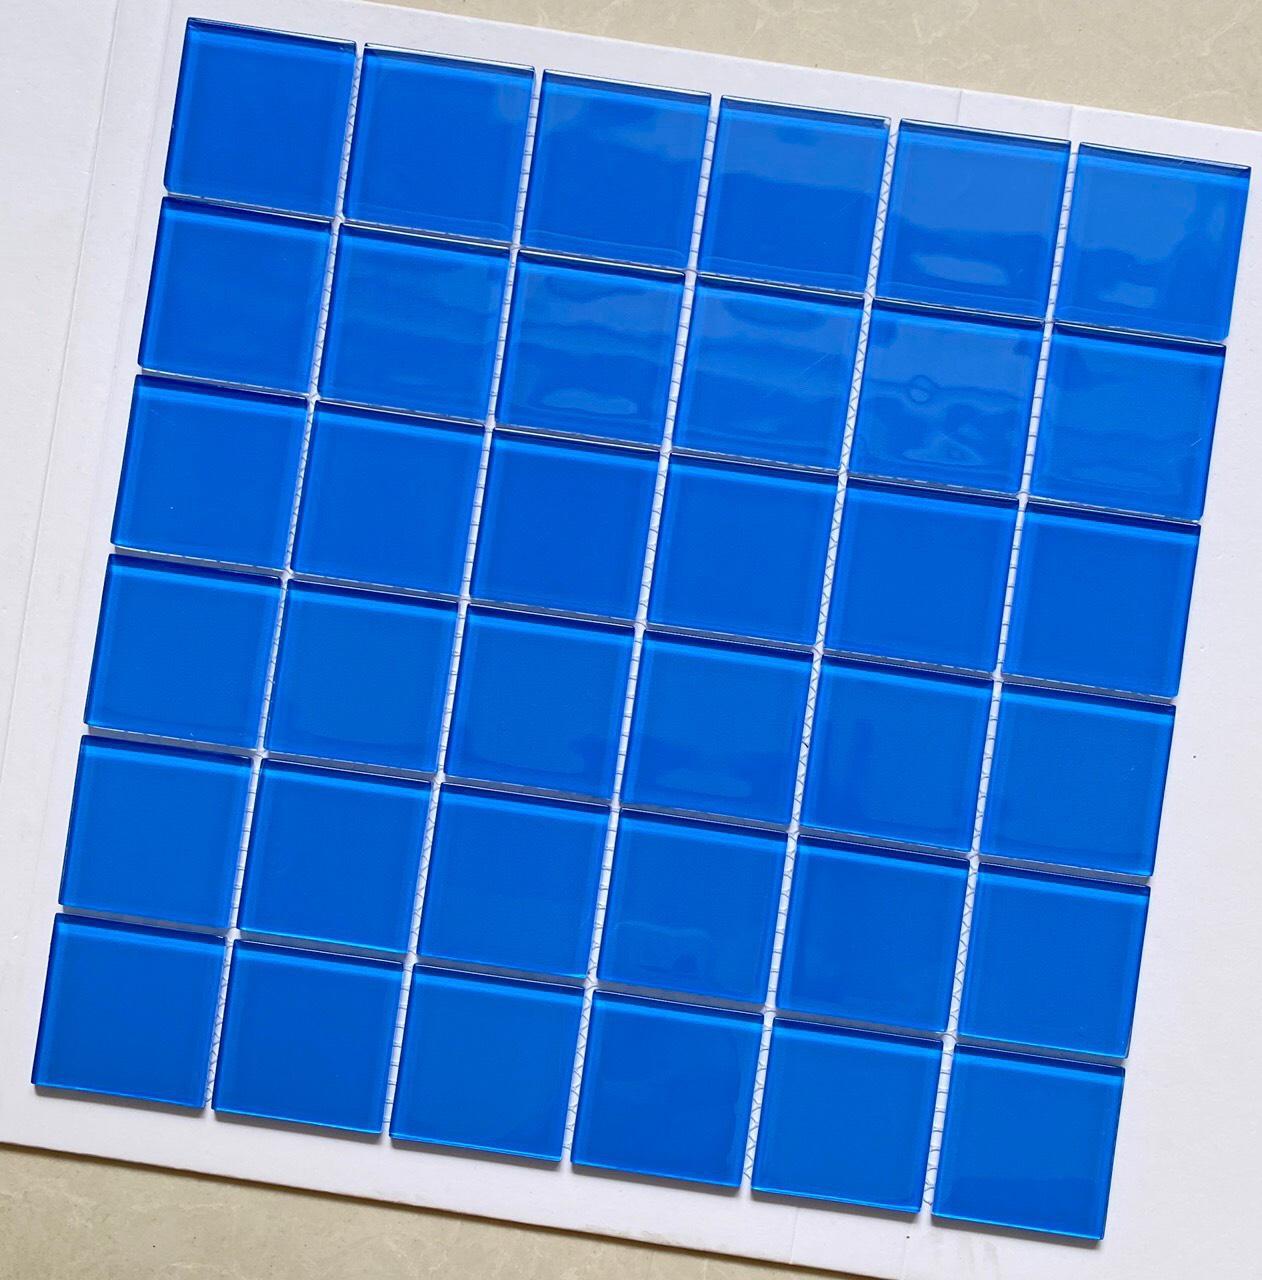 gach mosaic 30x30 blue